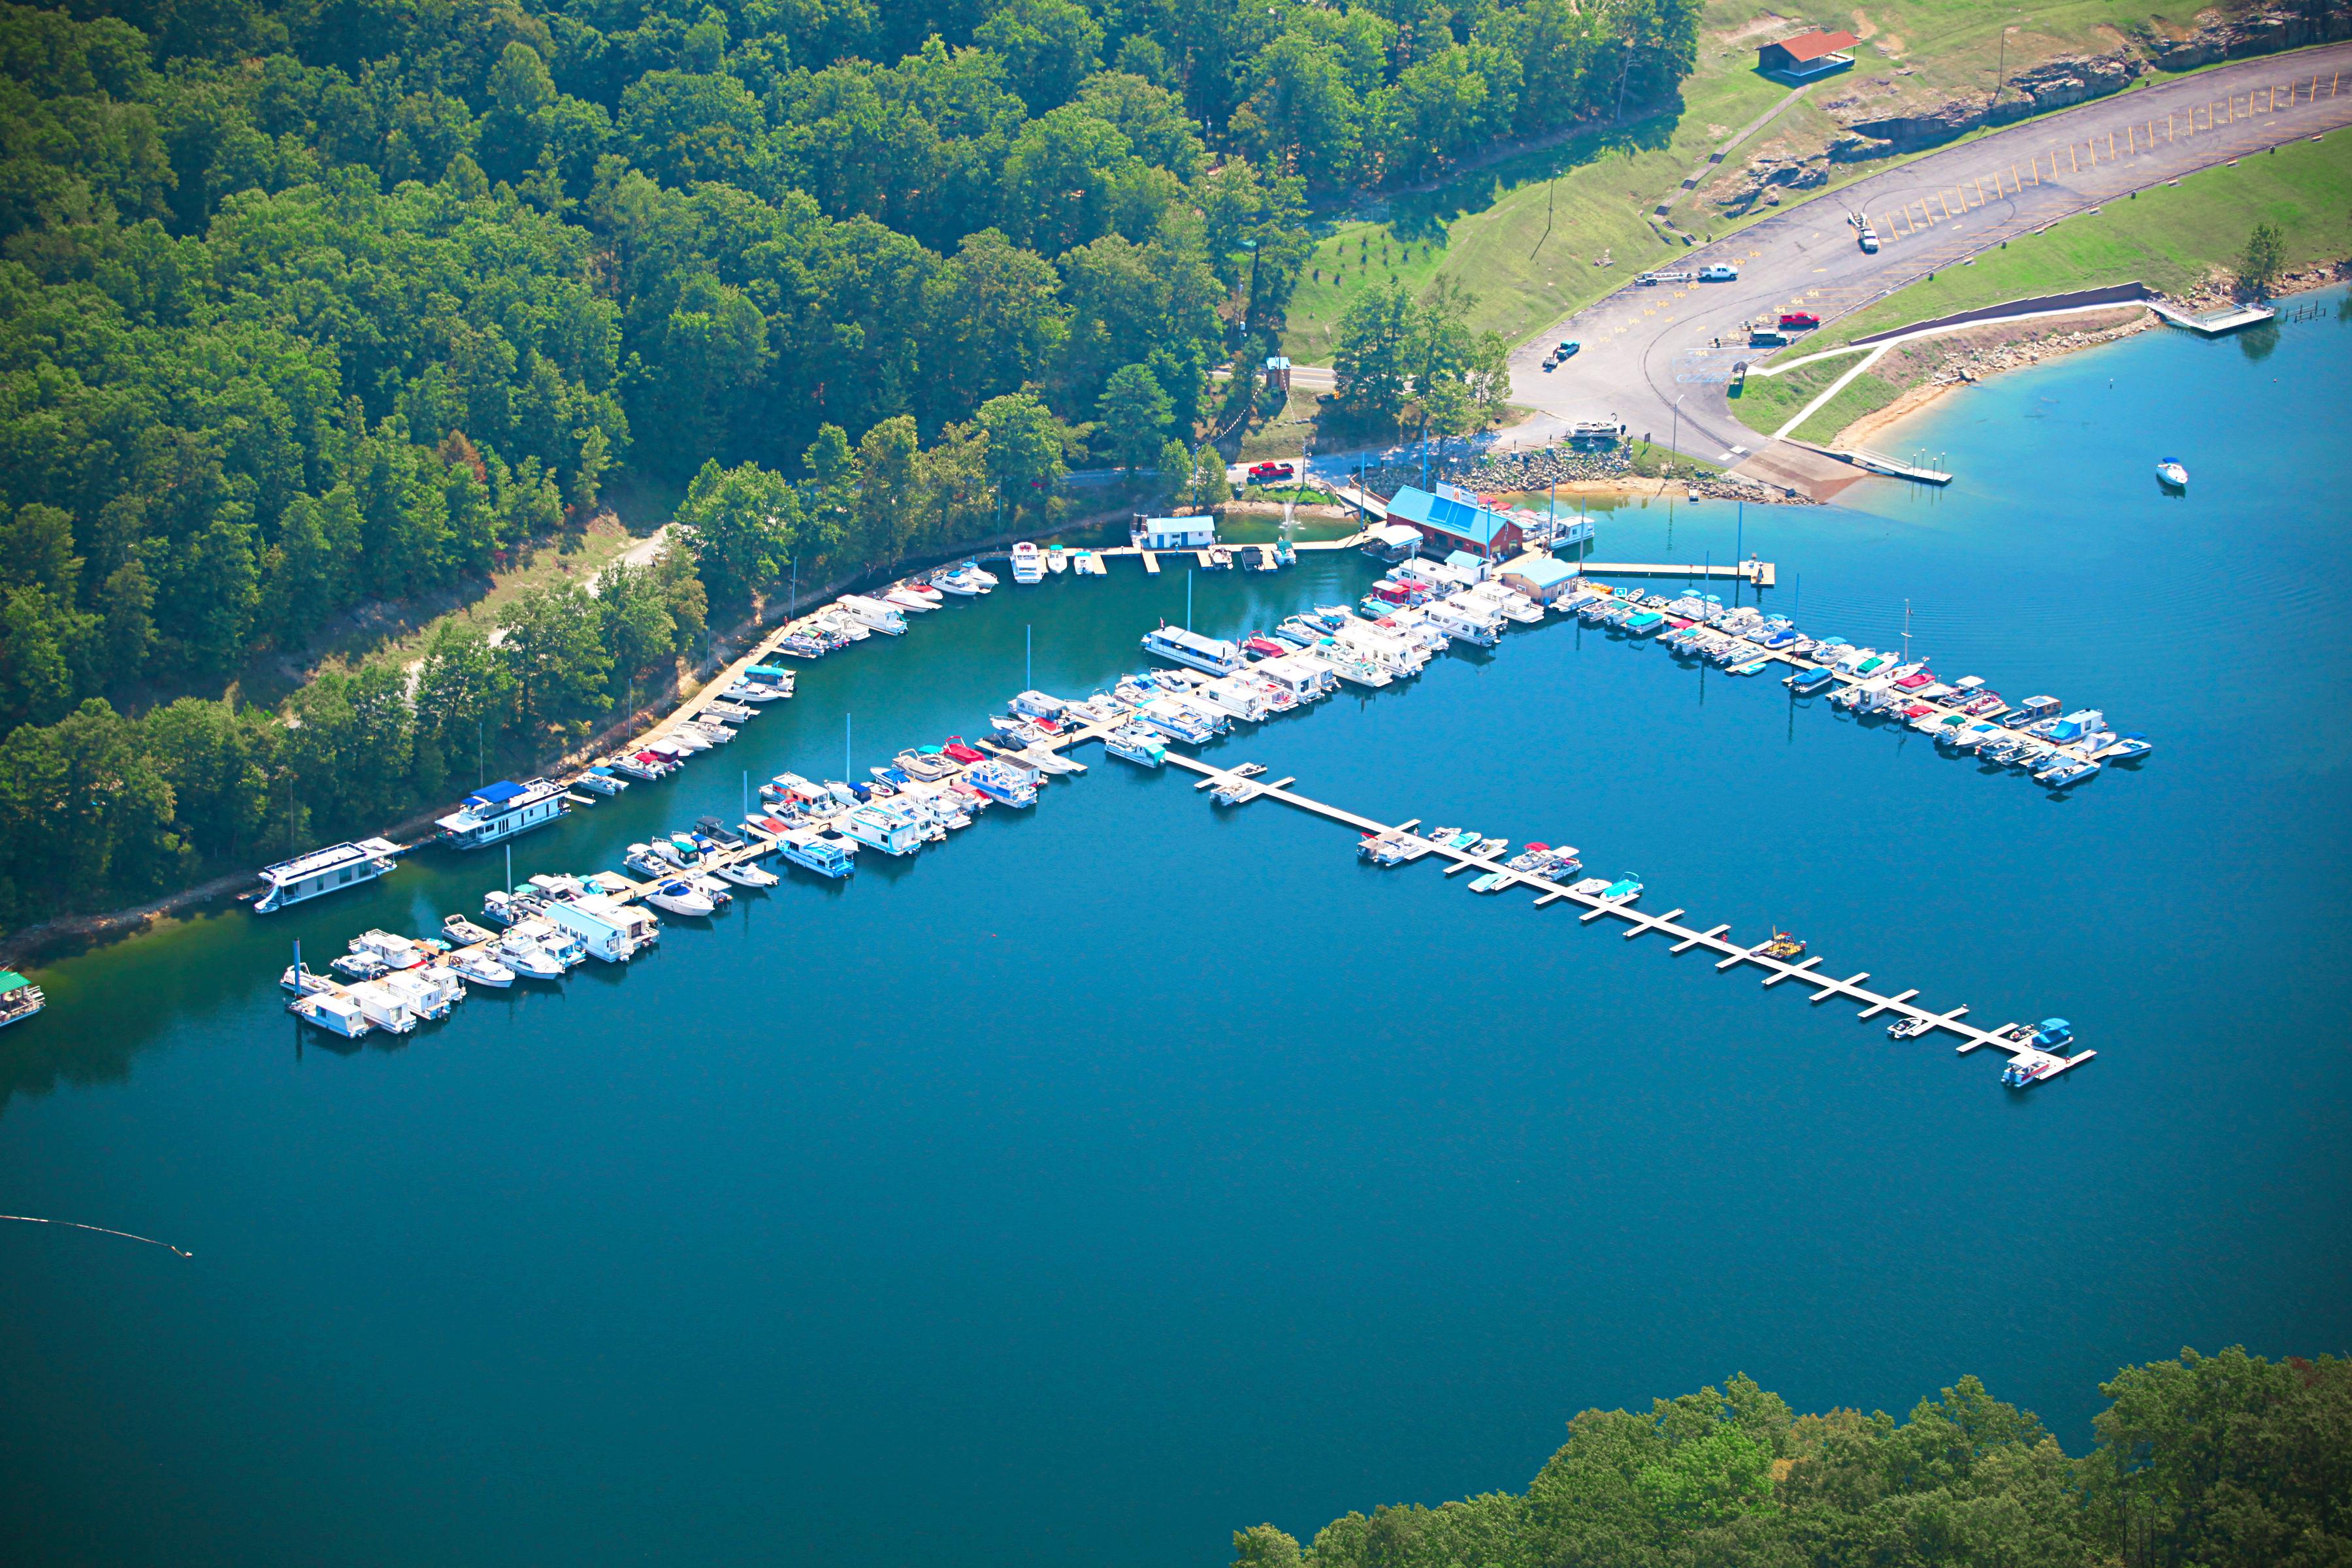 Sutton Lake Marina Boat Rentals Pontoons Jet Skis